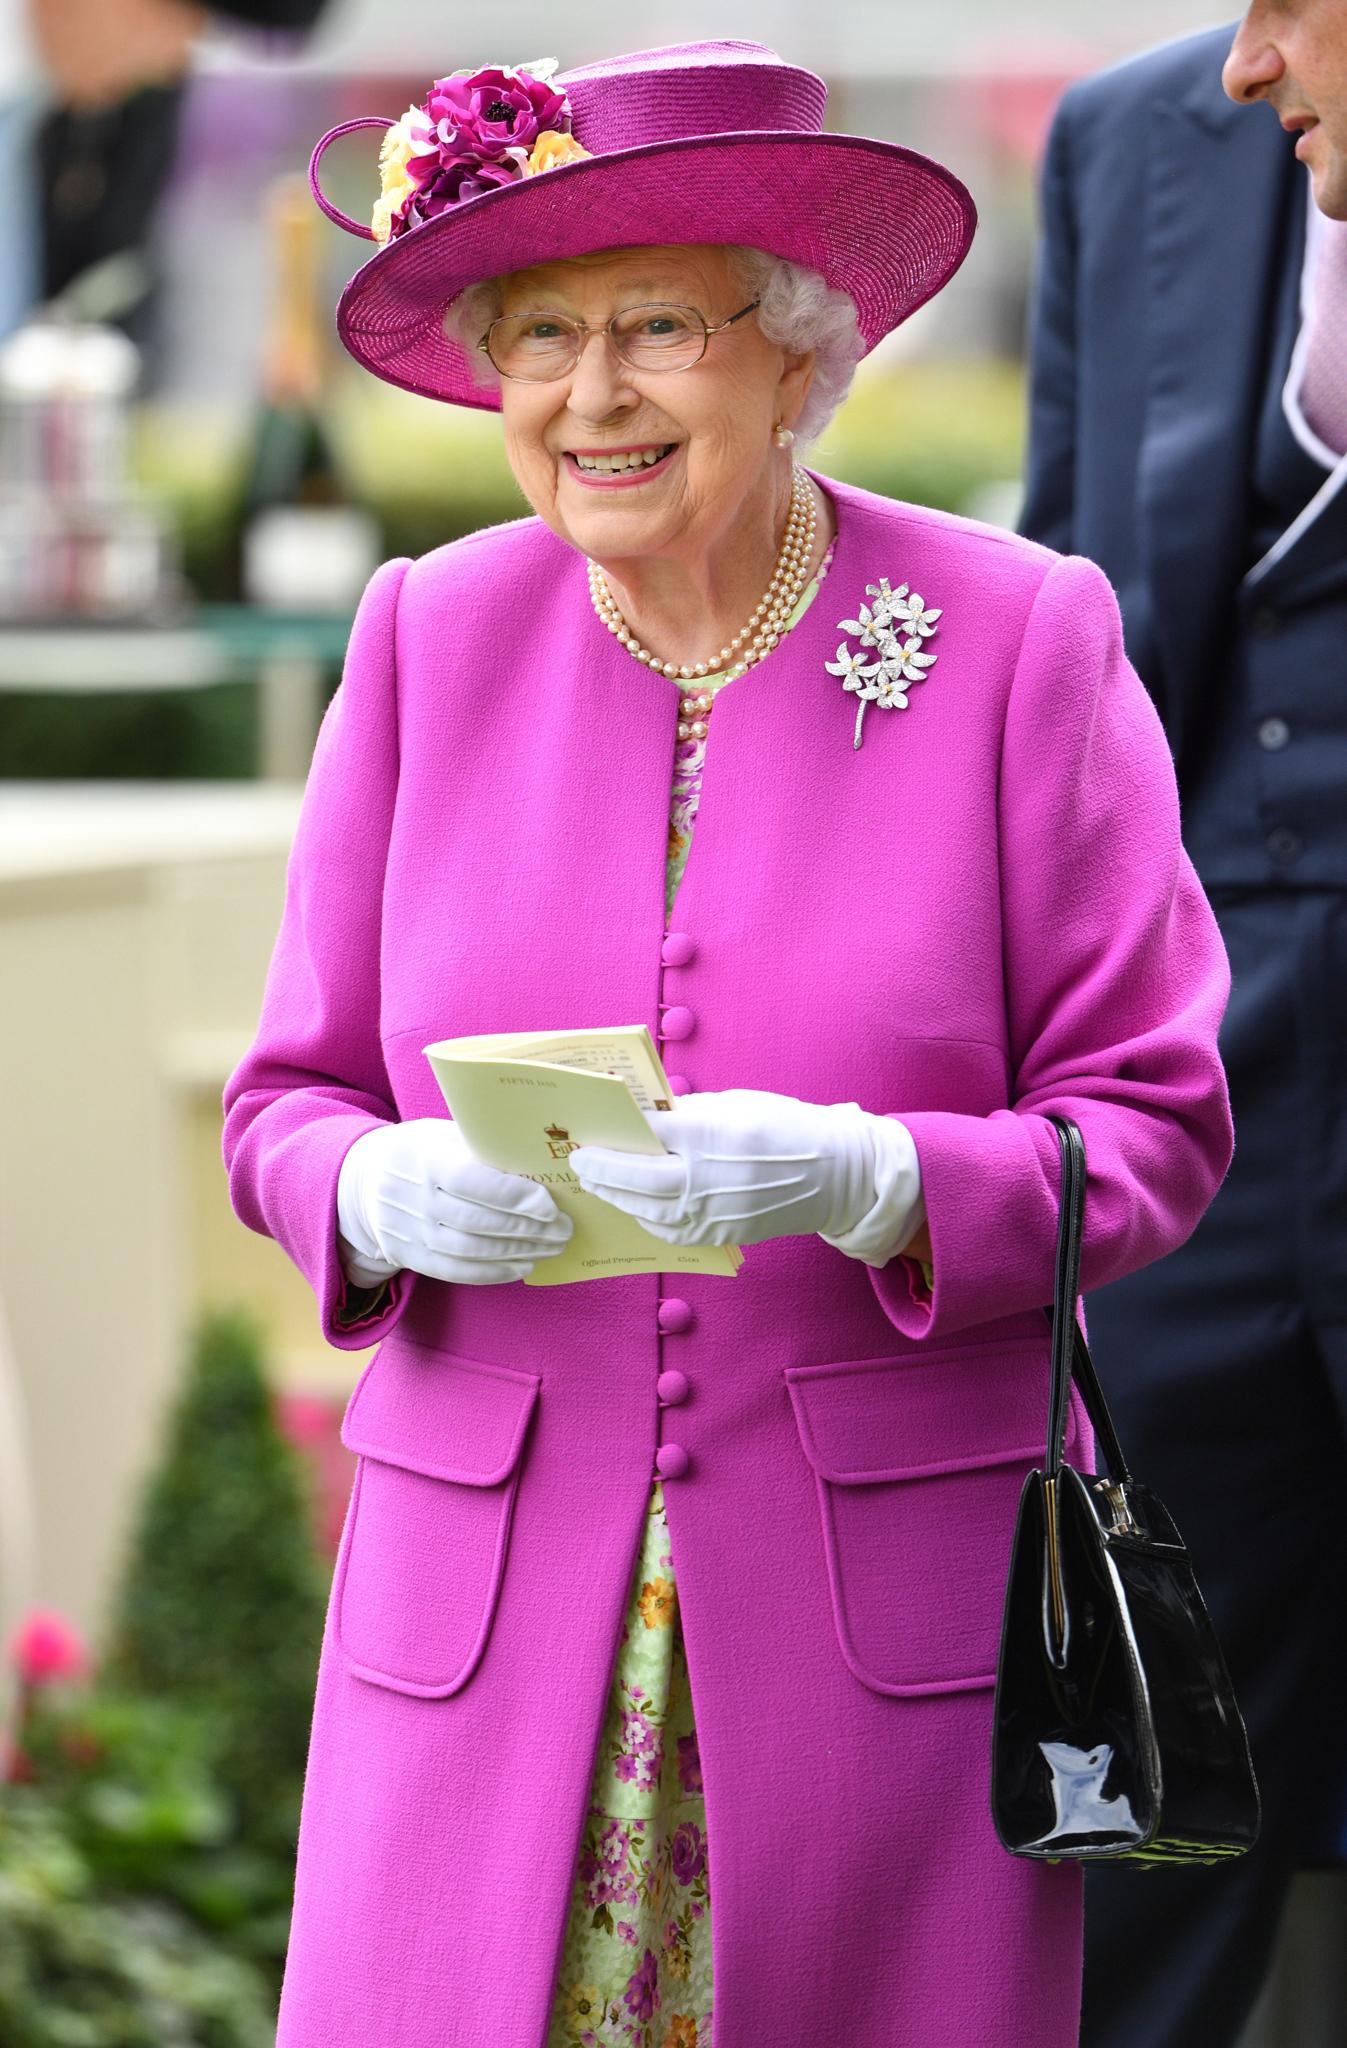 Queen Elizabeth IIRoyal Ascot, Day Five, UK - 24 Jun 2017